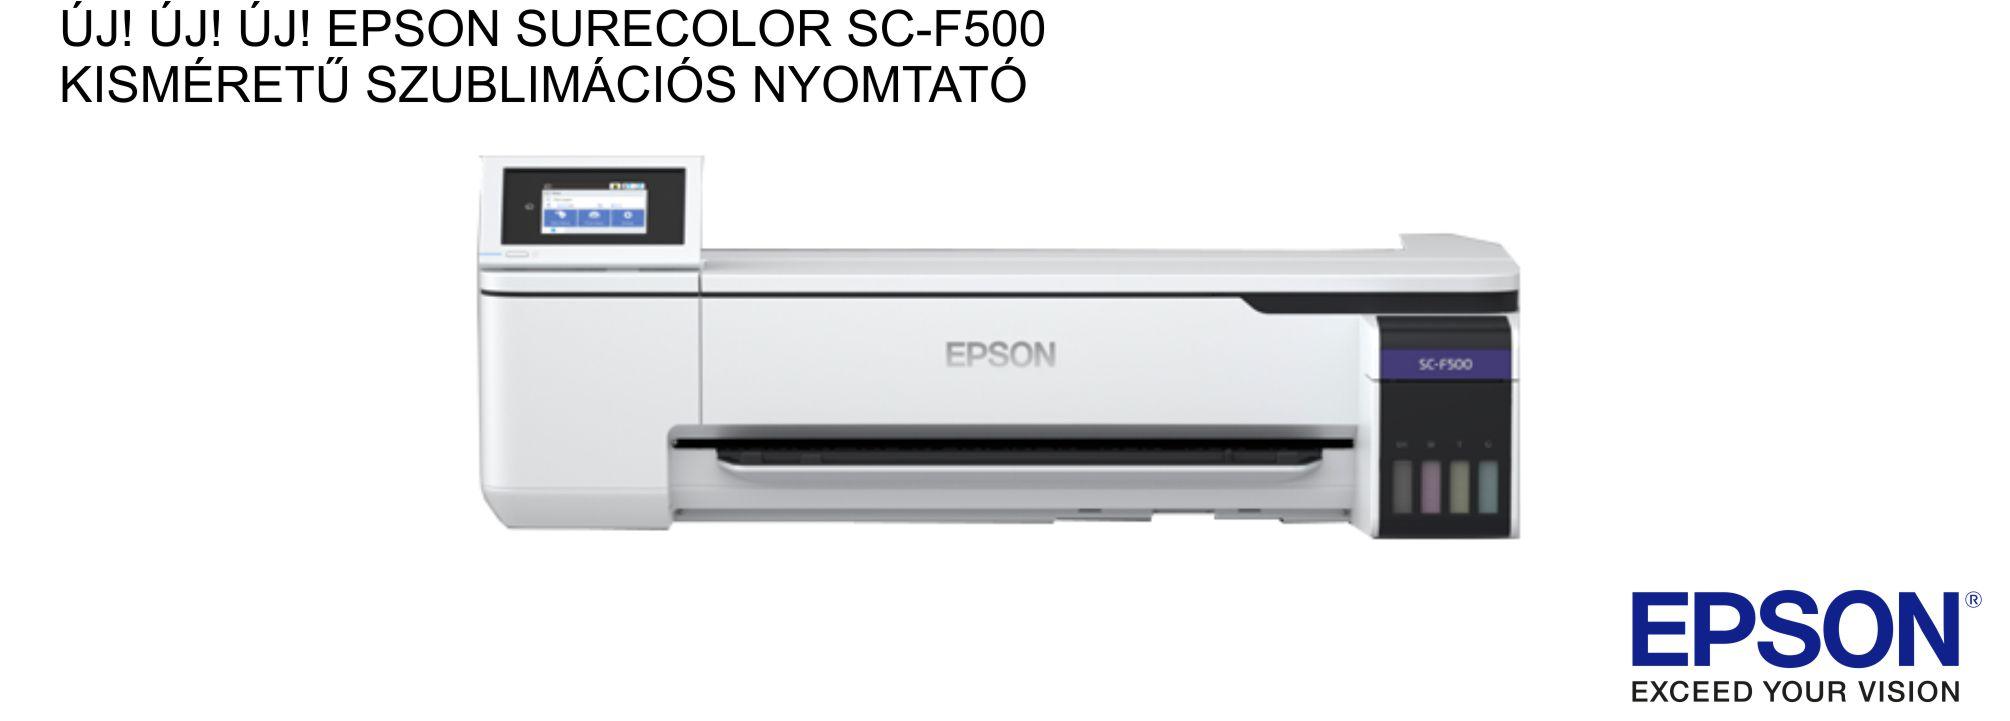 Epson SureColor SC-F500 KISMÉRETŰ SZUBLIMÁCIÓS NYOMTATÓ rendelhető!